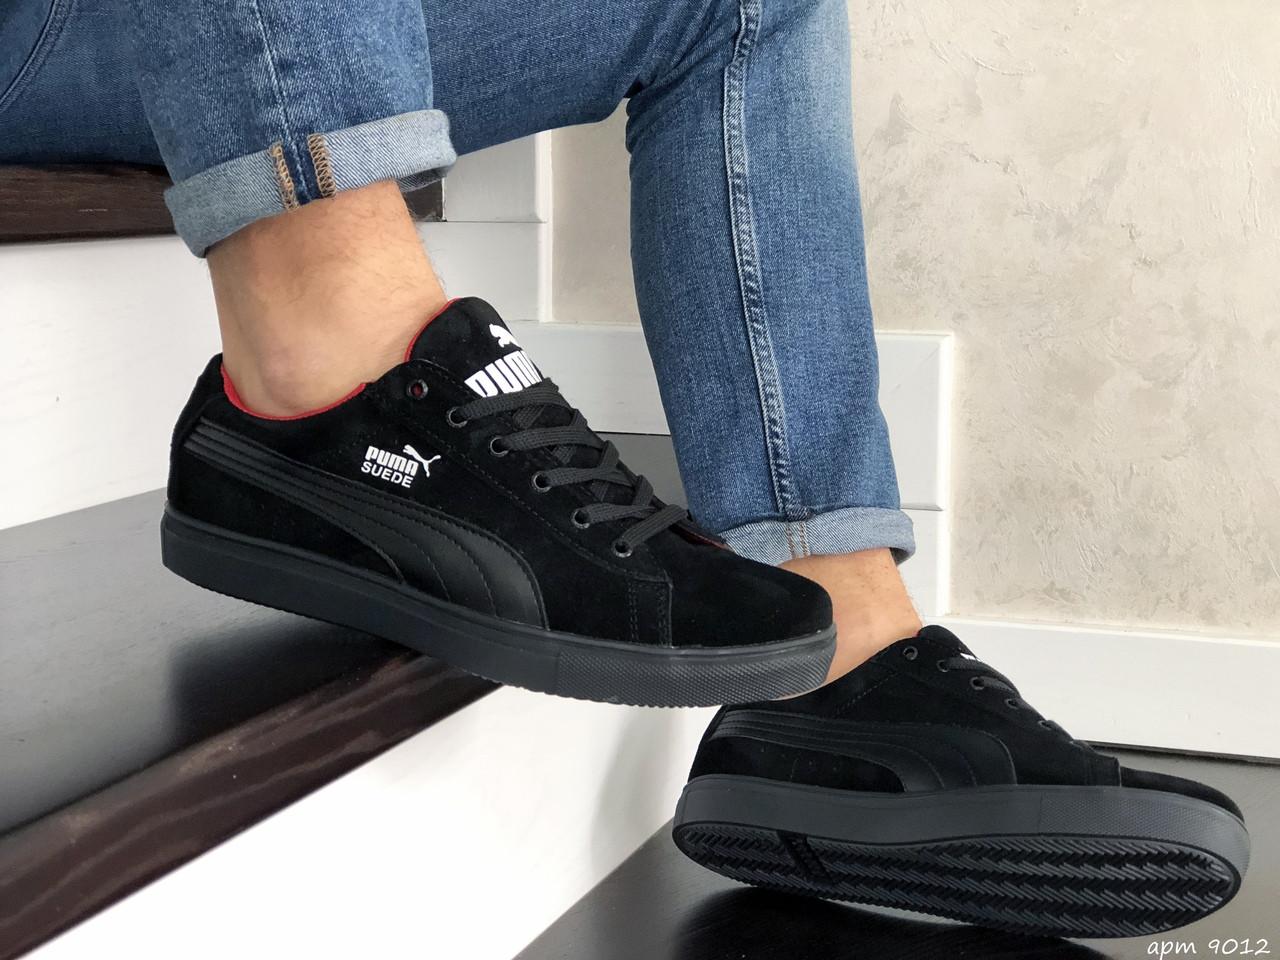 Мужские кроссовки Puma Suede (черные) 9012